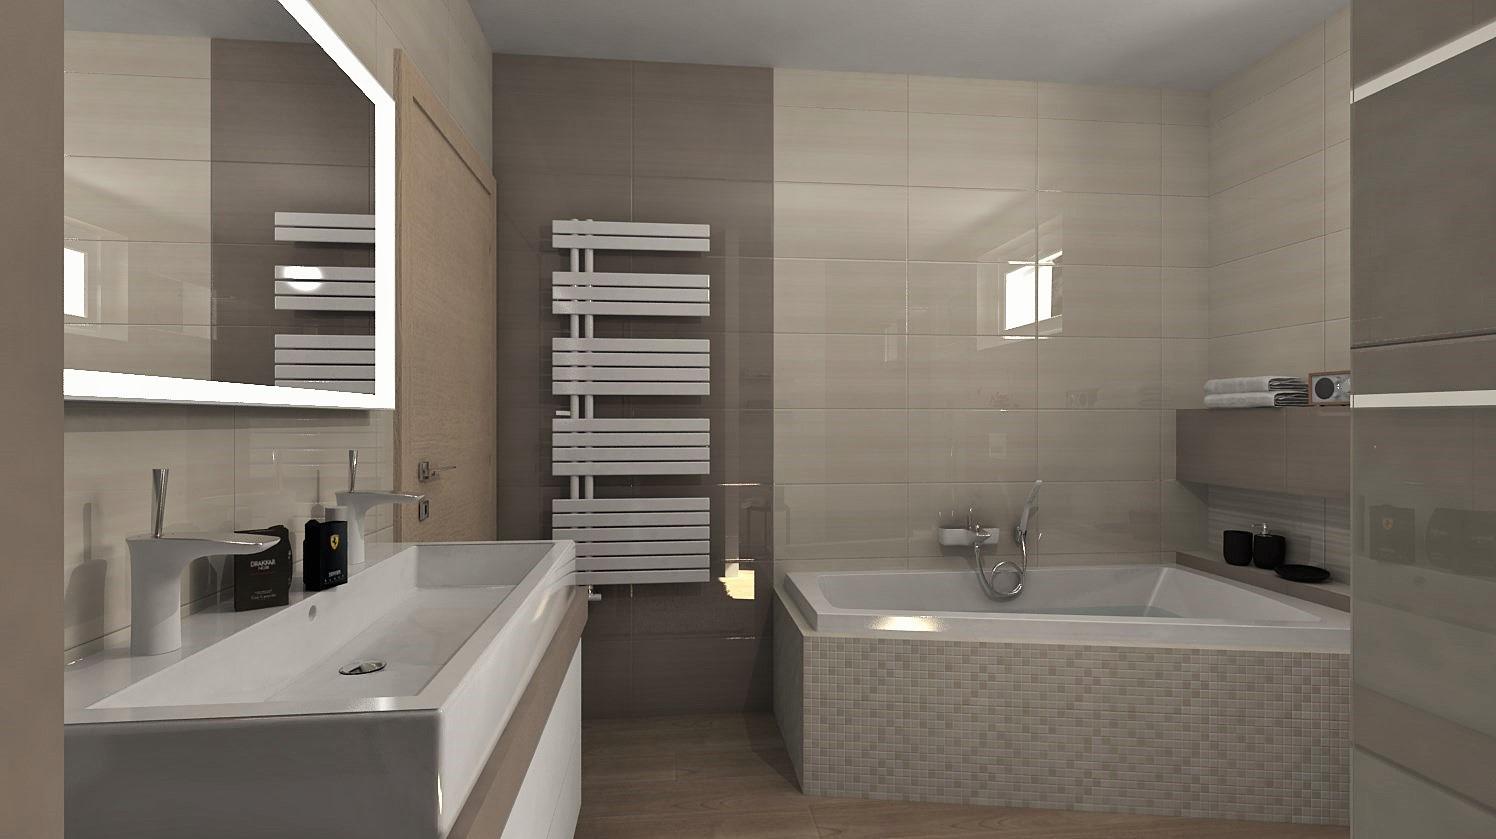 Návrhy a vizualizácie kúpeľní - Obrázok č. 97